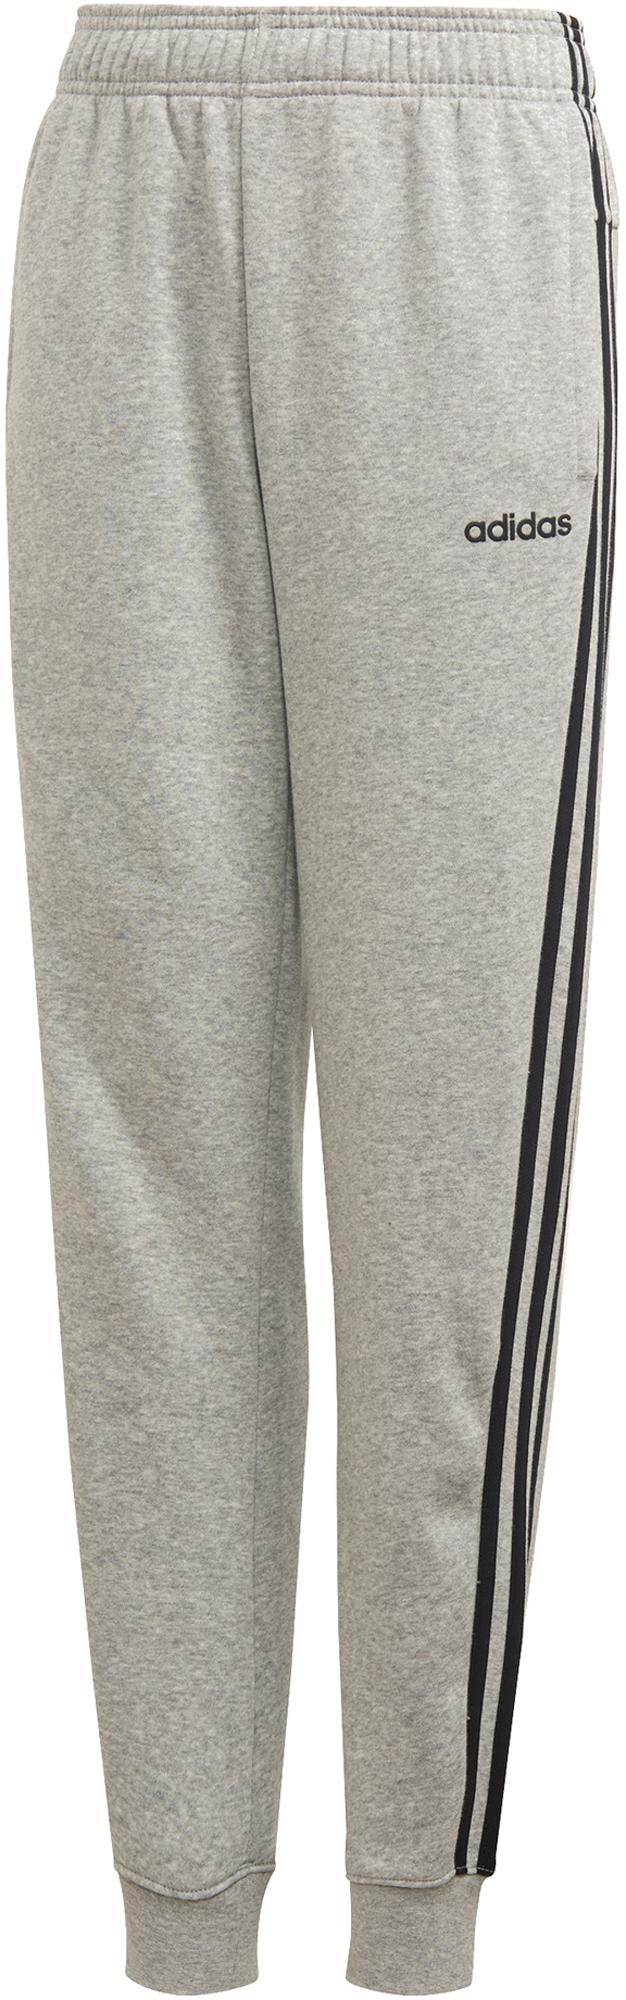 Adidas Брюки для мальчиков adidas Essentials 3 Stripes, размер 128 adidas легинсы для девочек adidas essentials 3 stripes размер 128